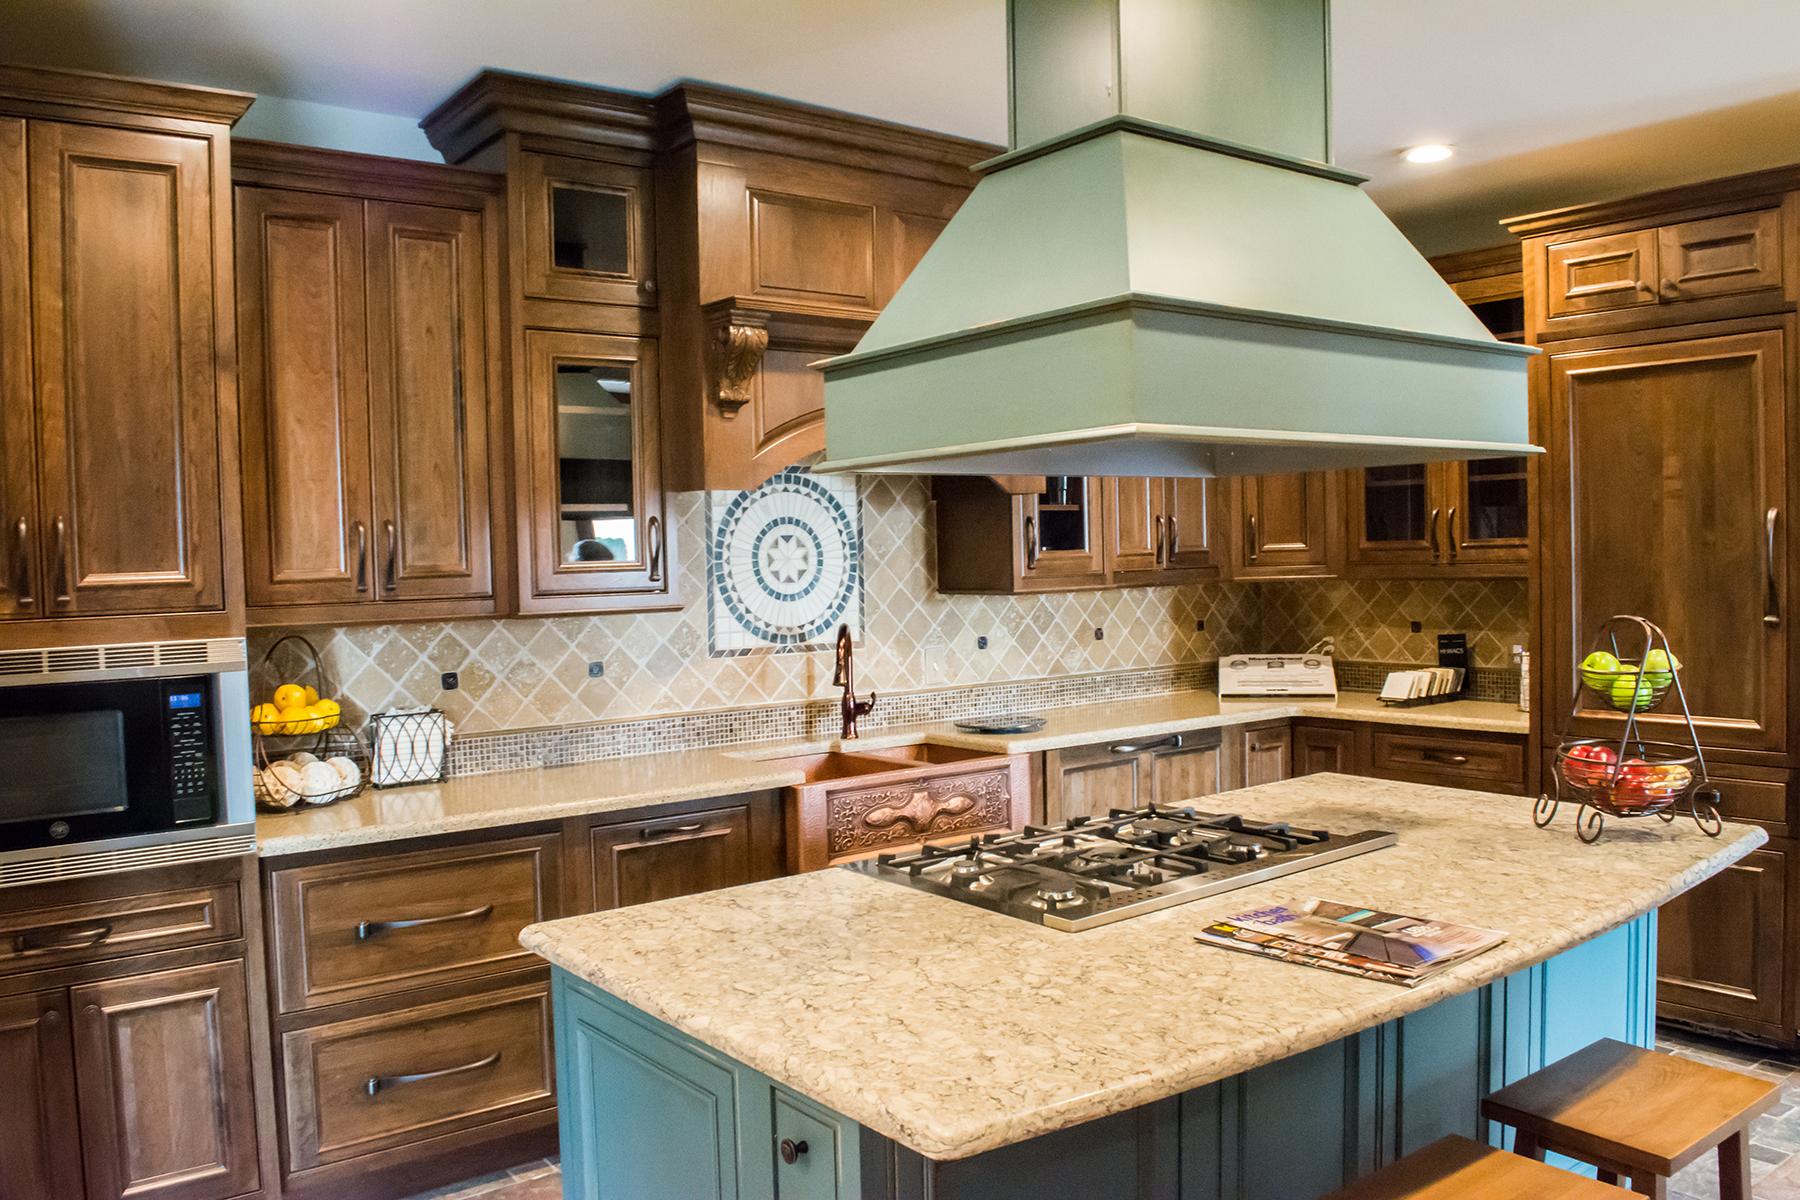 Home Design Evansville 28 Images Home Design Evansville Homedesignonabudget Net